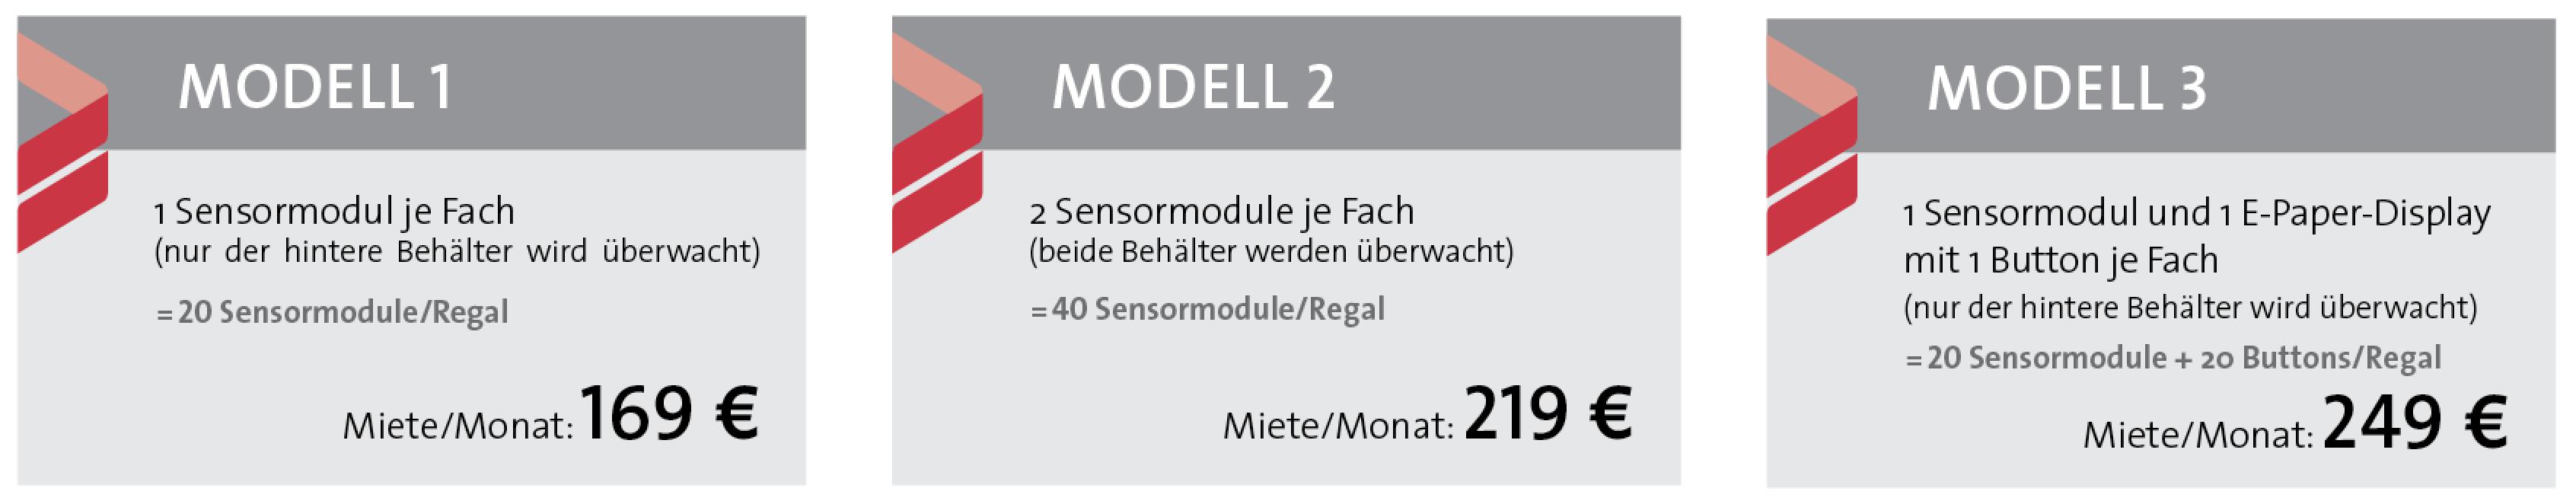 sensRack-Modelle